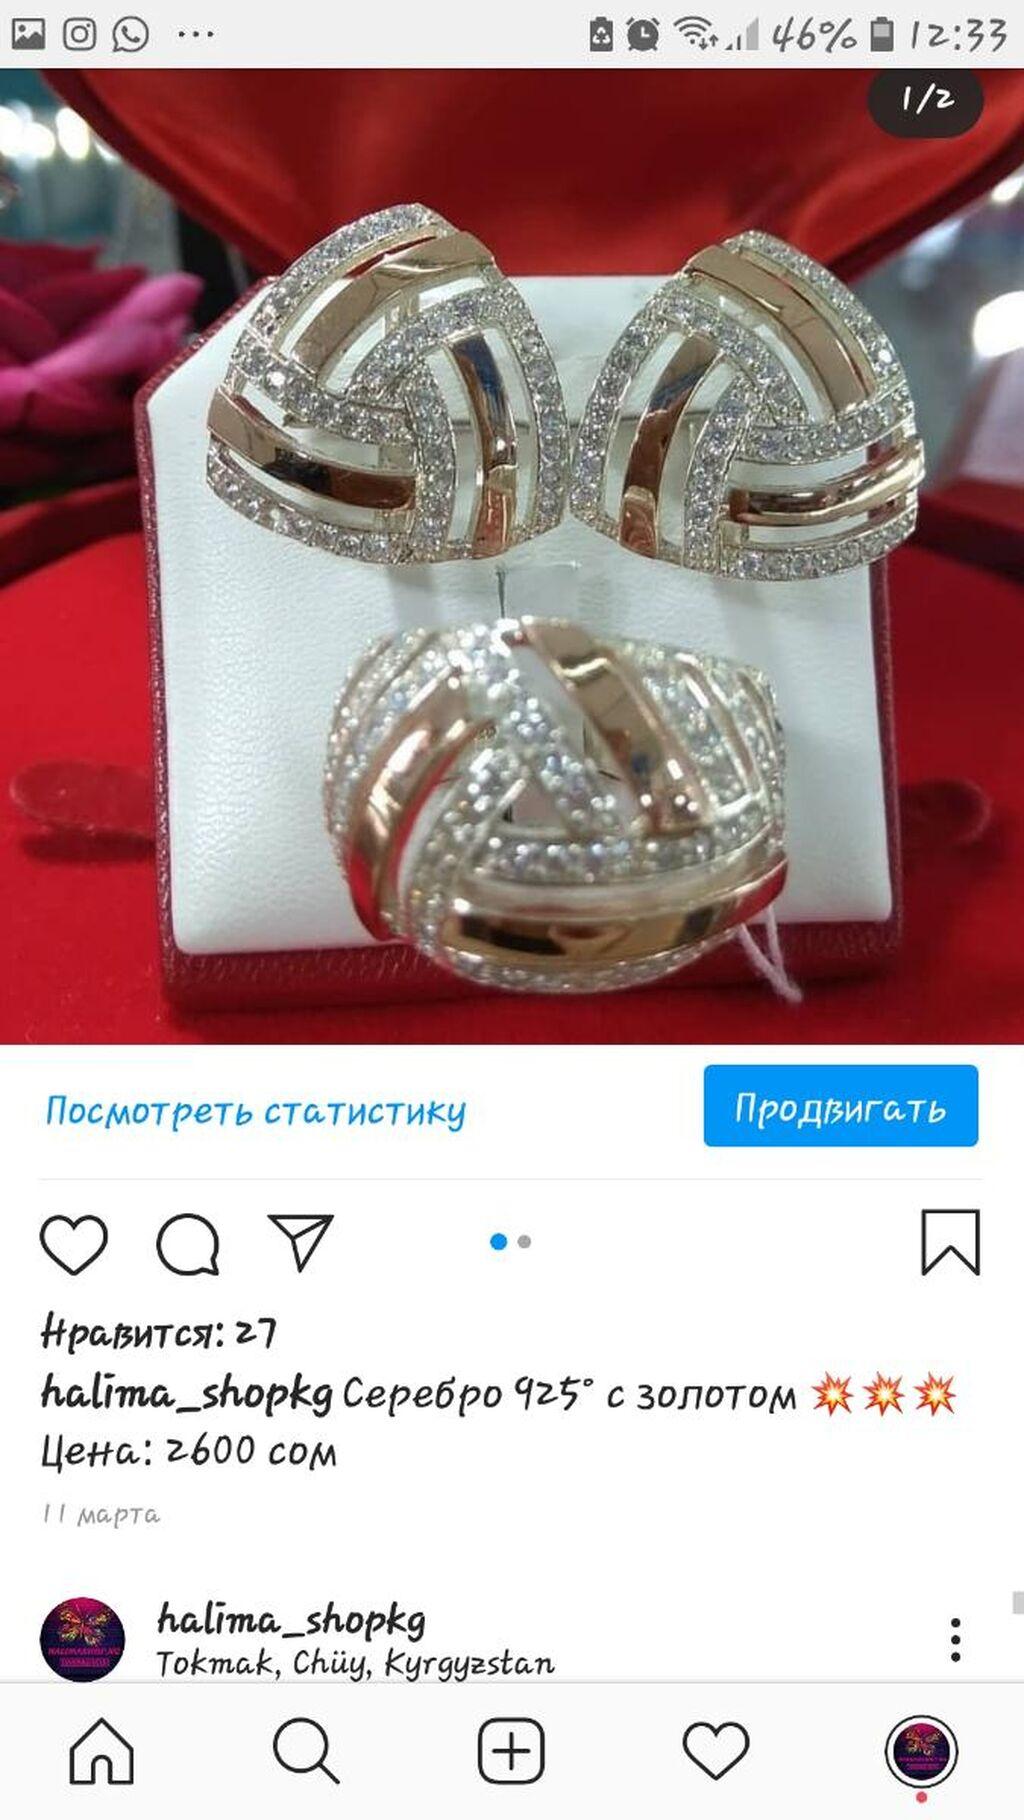 В наличии комплект серебро 925 с золотом